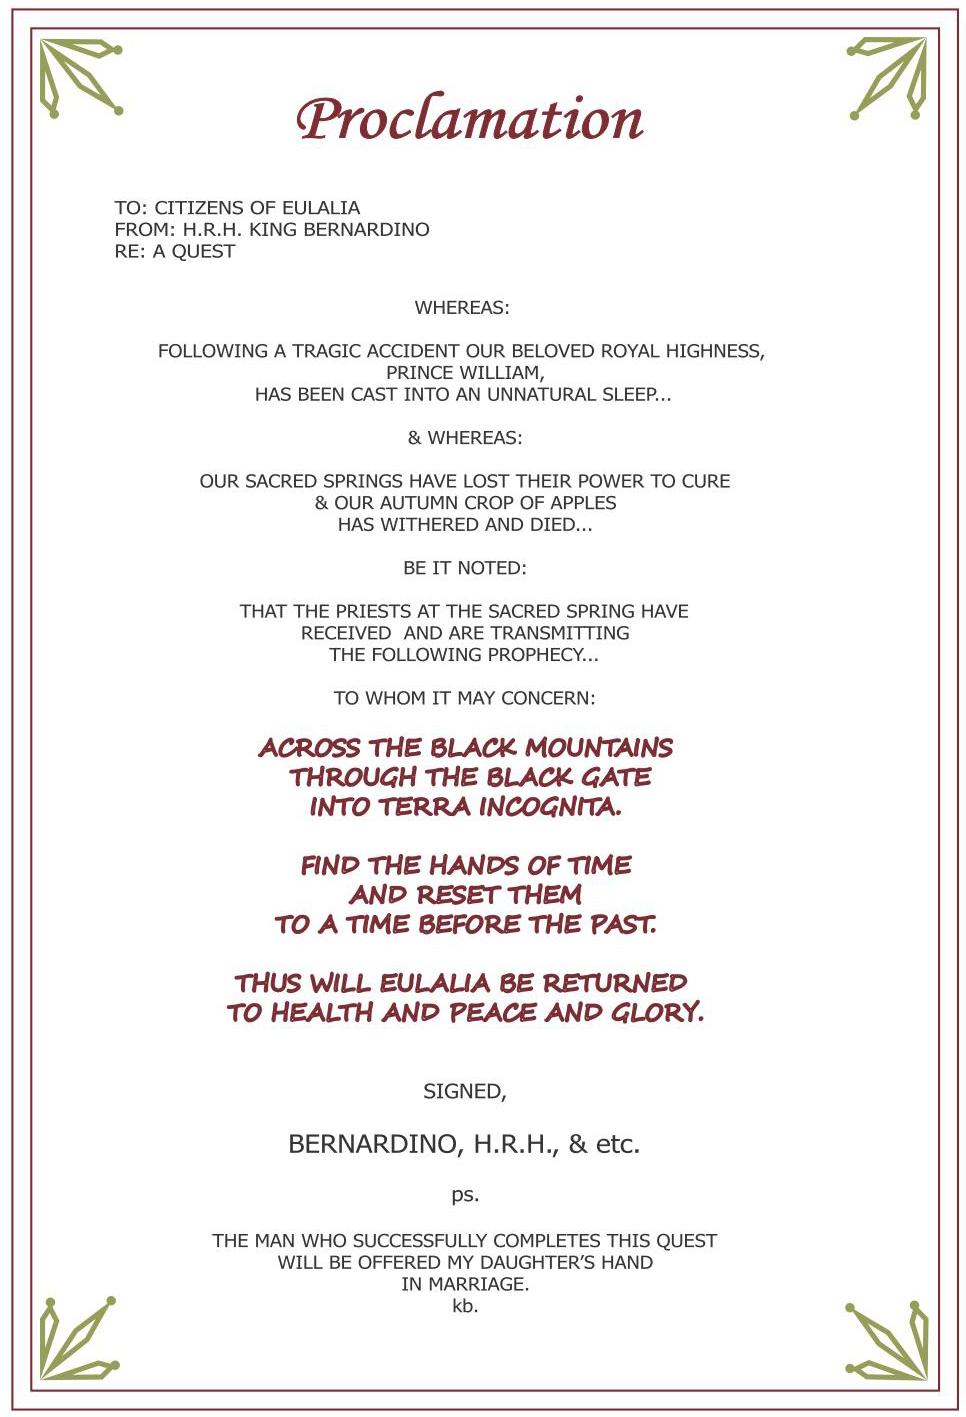 v3.Proclamation.8.5x11_01 copy